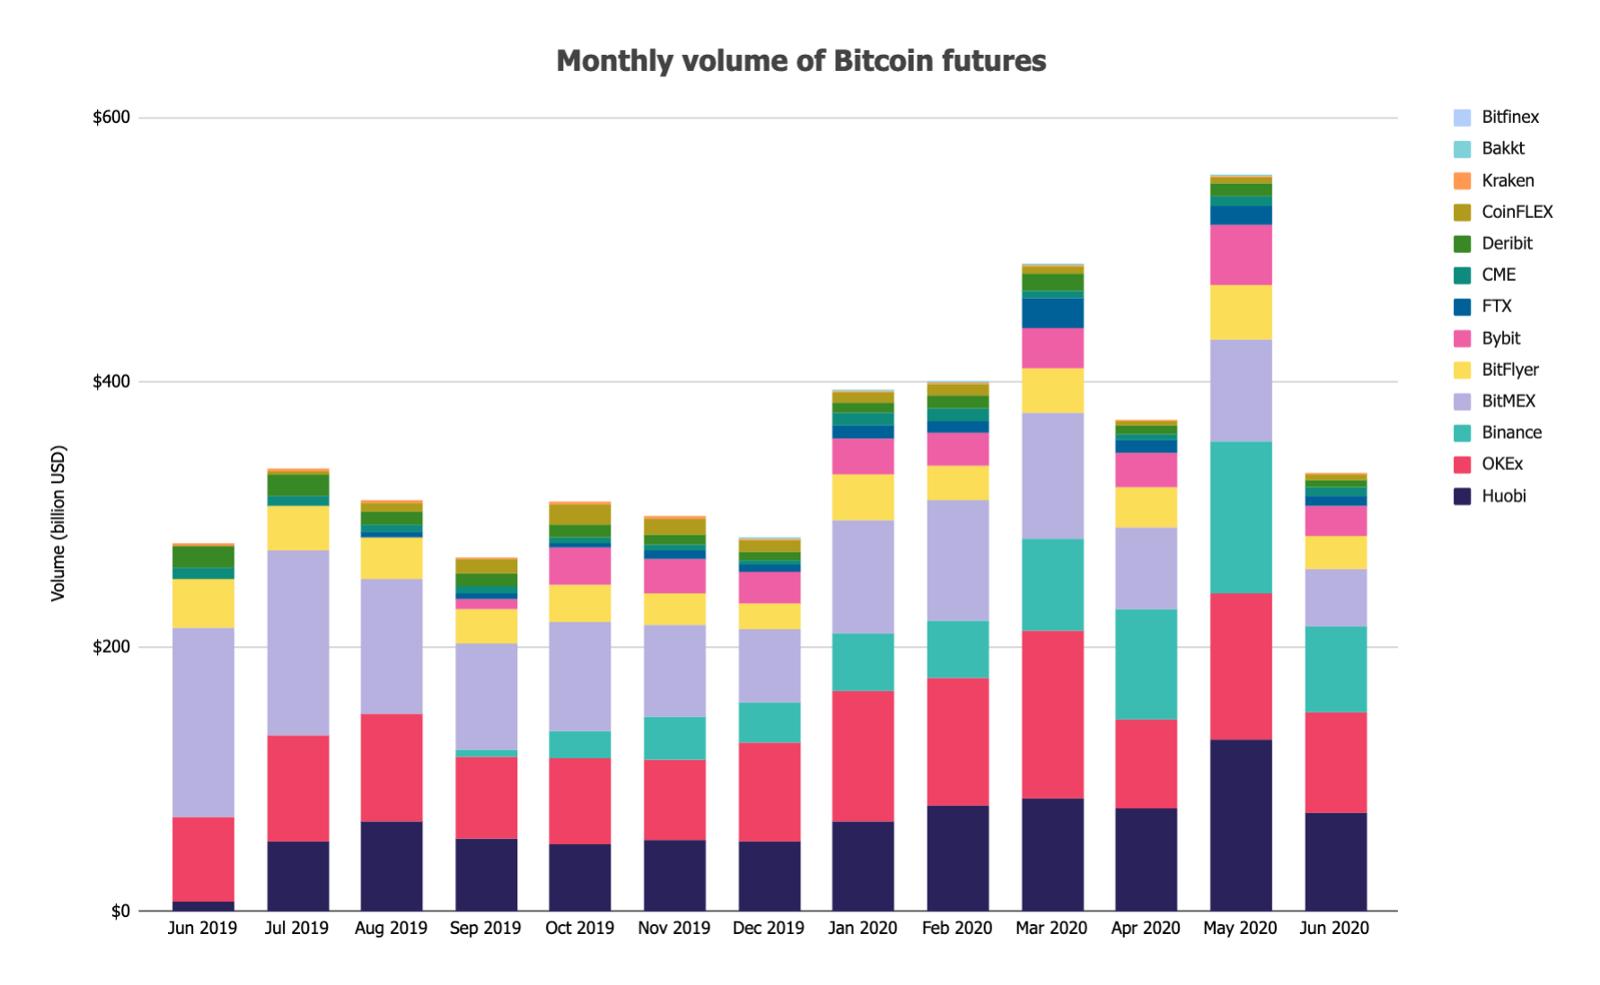 ปริมาณซื้อขายตลาดปอตบิตคอยน์ (Bitcoin spot) ลดลงมากกว่า 30% สวนทางตลาดกับตลาด DEX เพิ่มขึ้นมาก ในเดือนมิถุนายน